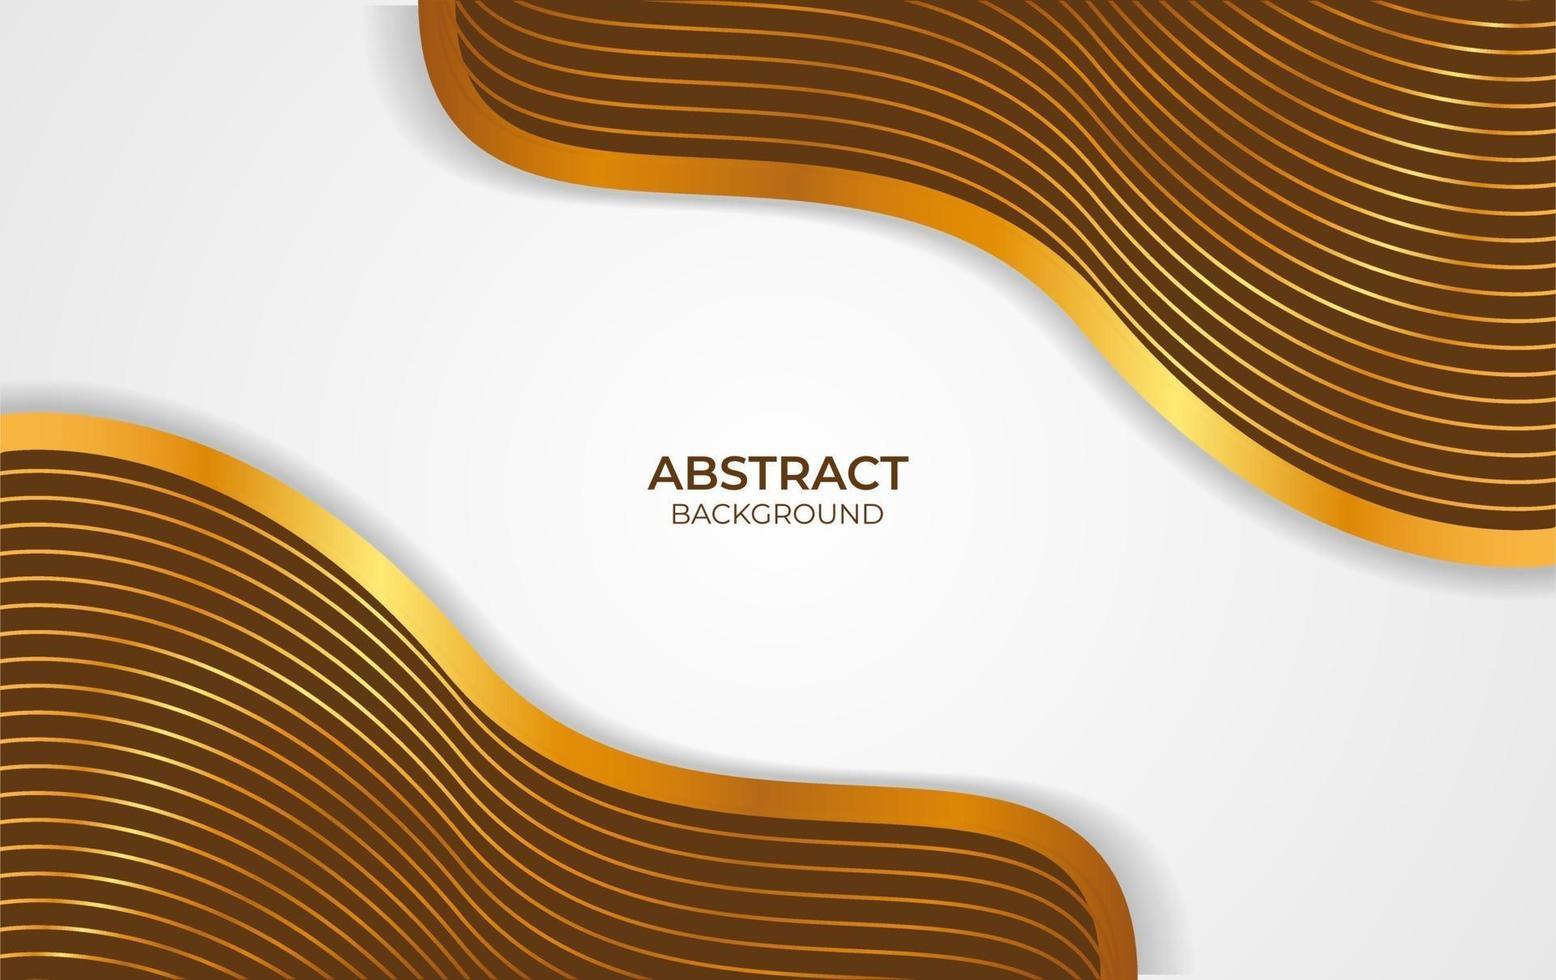 abstracte achtergrond bruin en goud vector